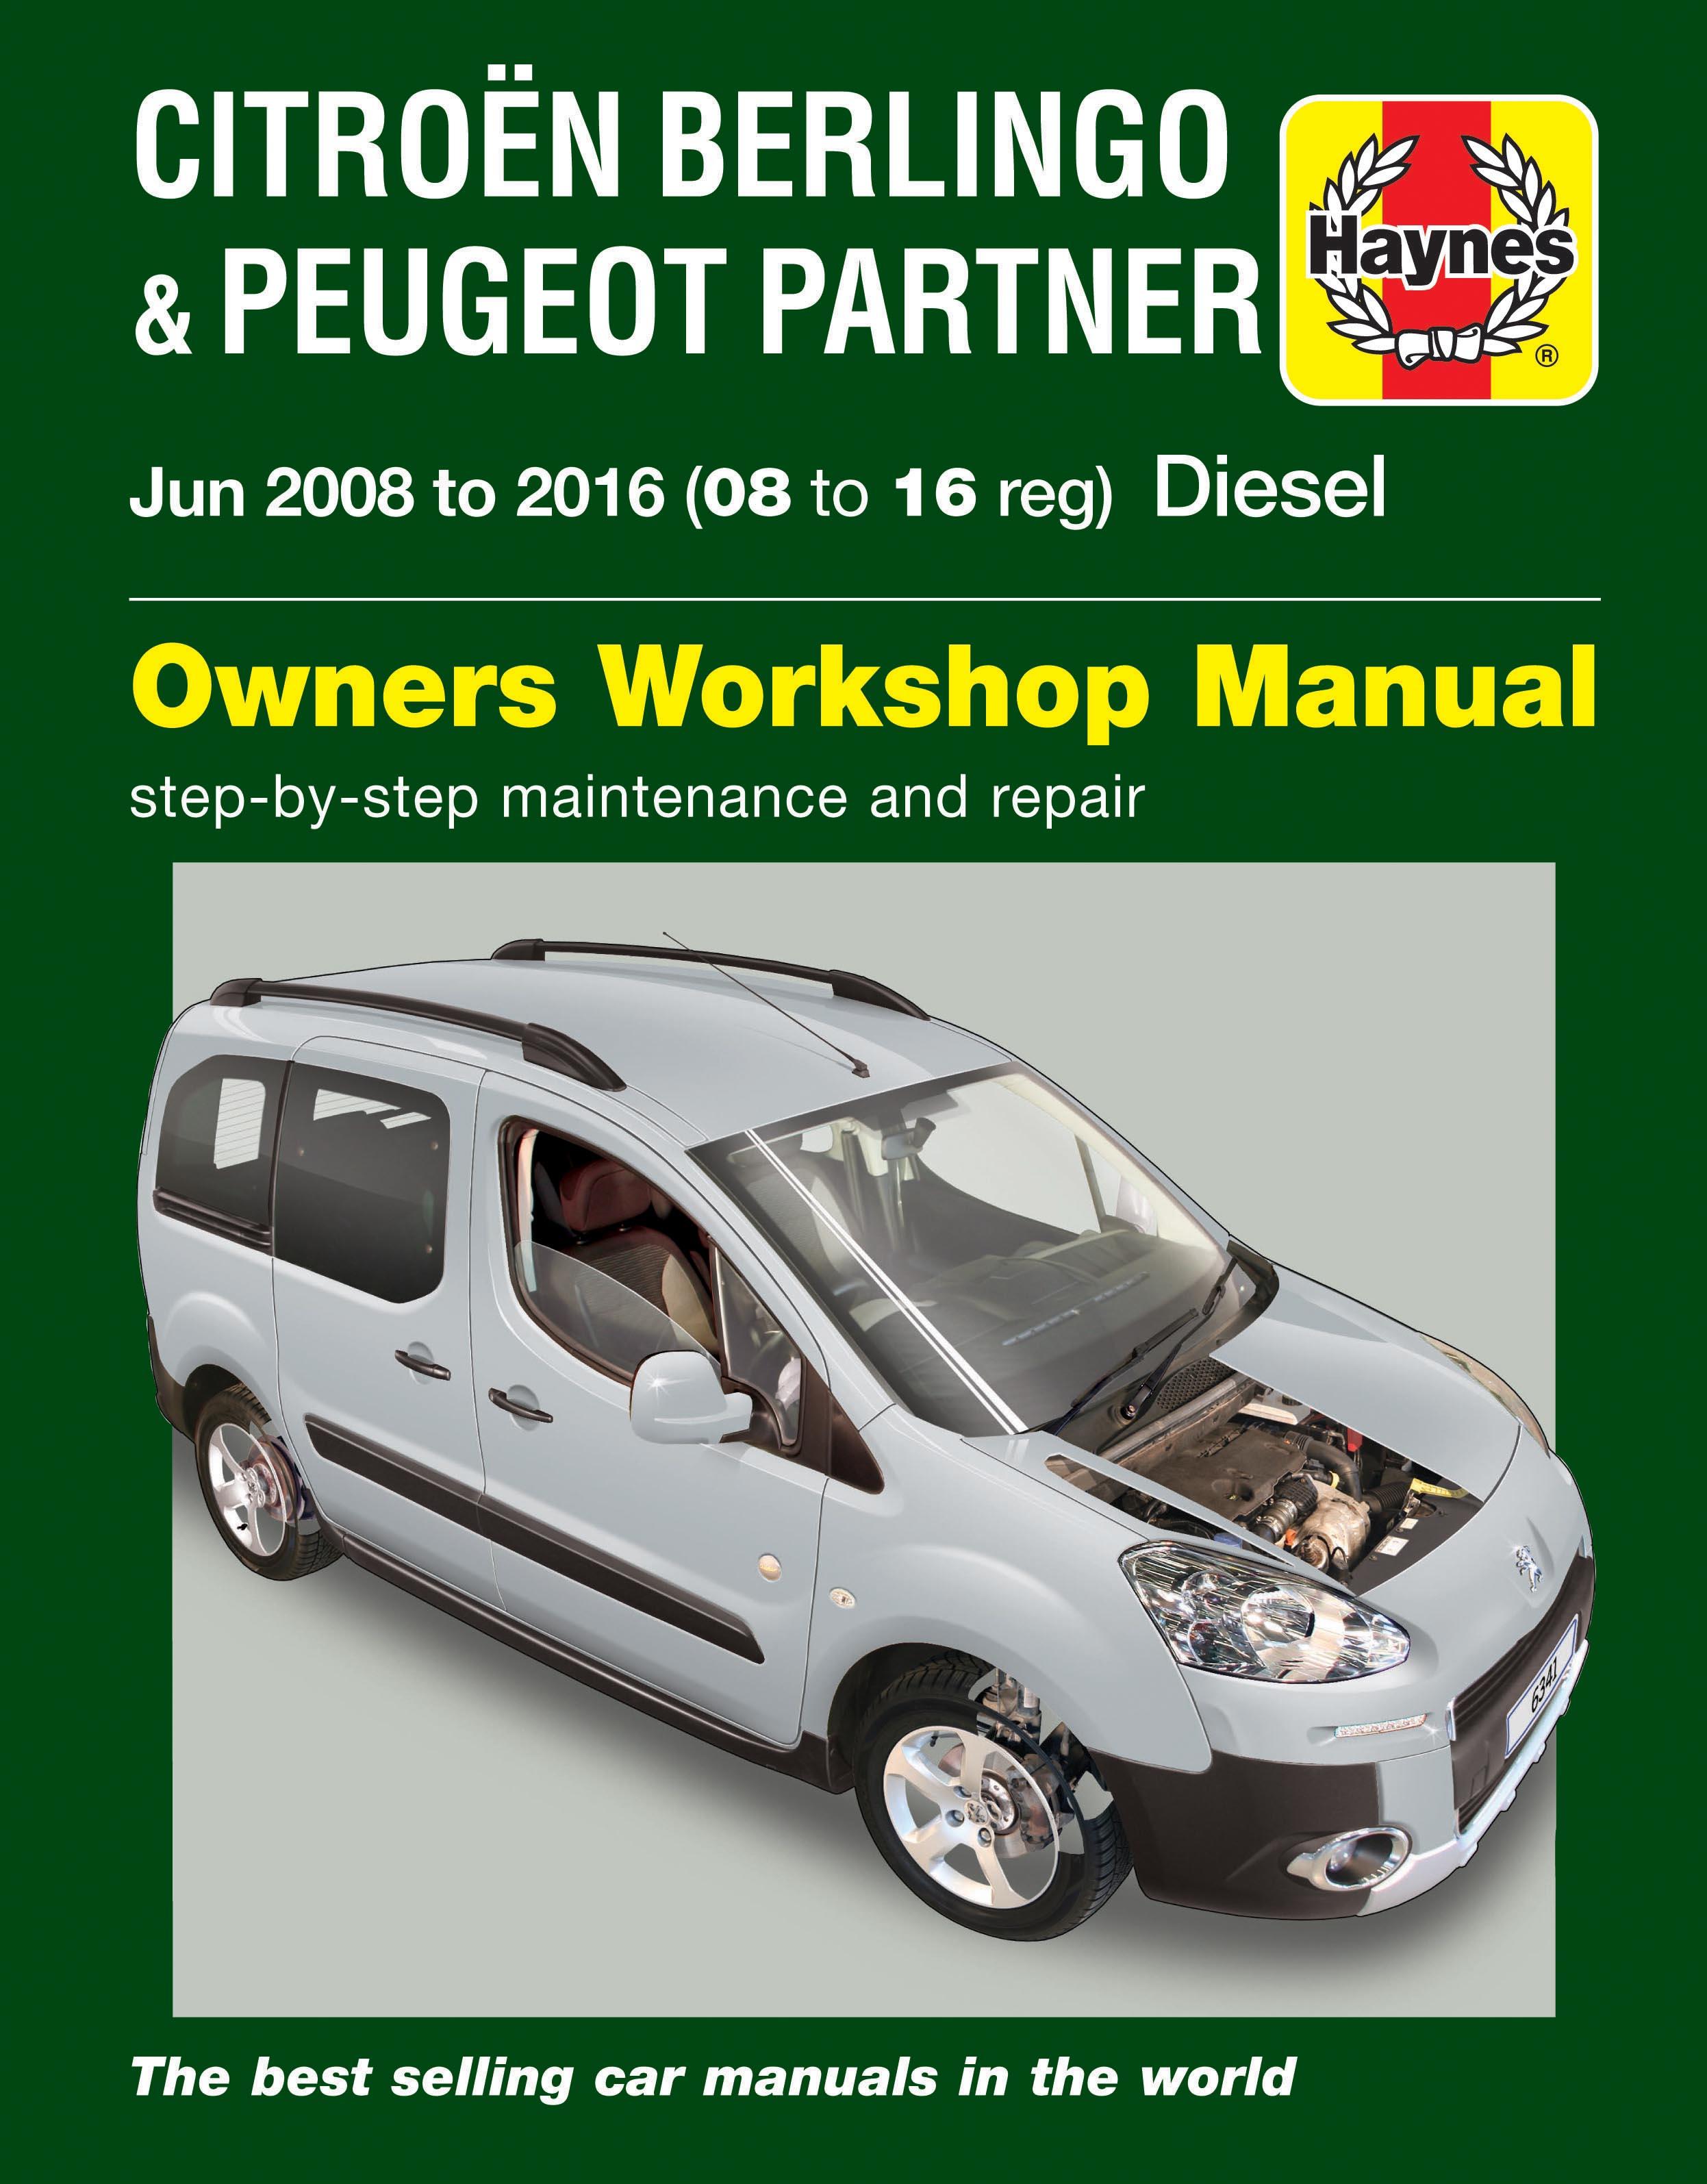 Citroen Berlingo & Peugeot Partner Diesel (June 08 – 16)